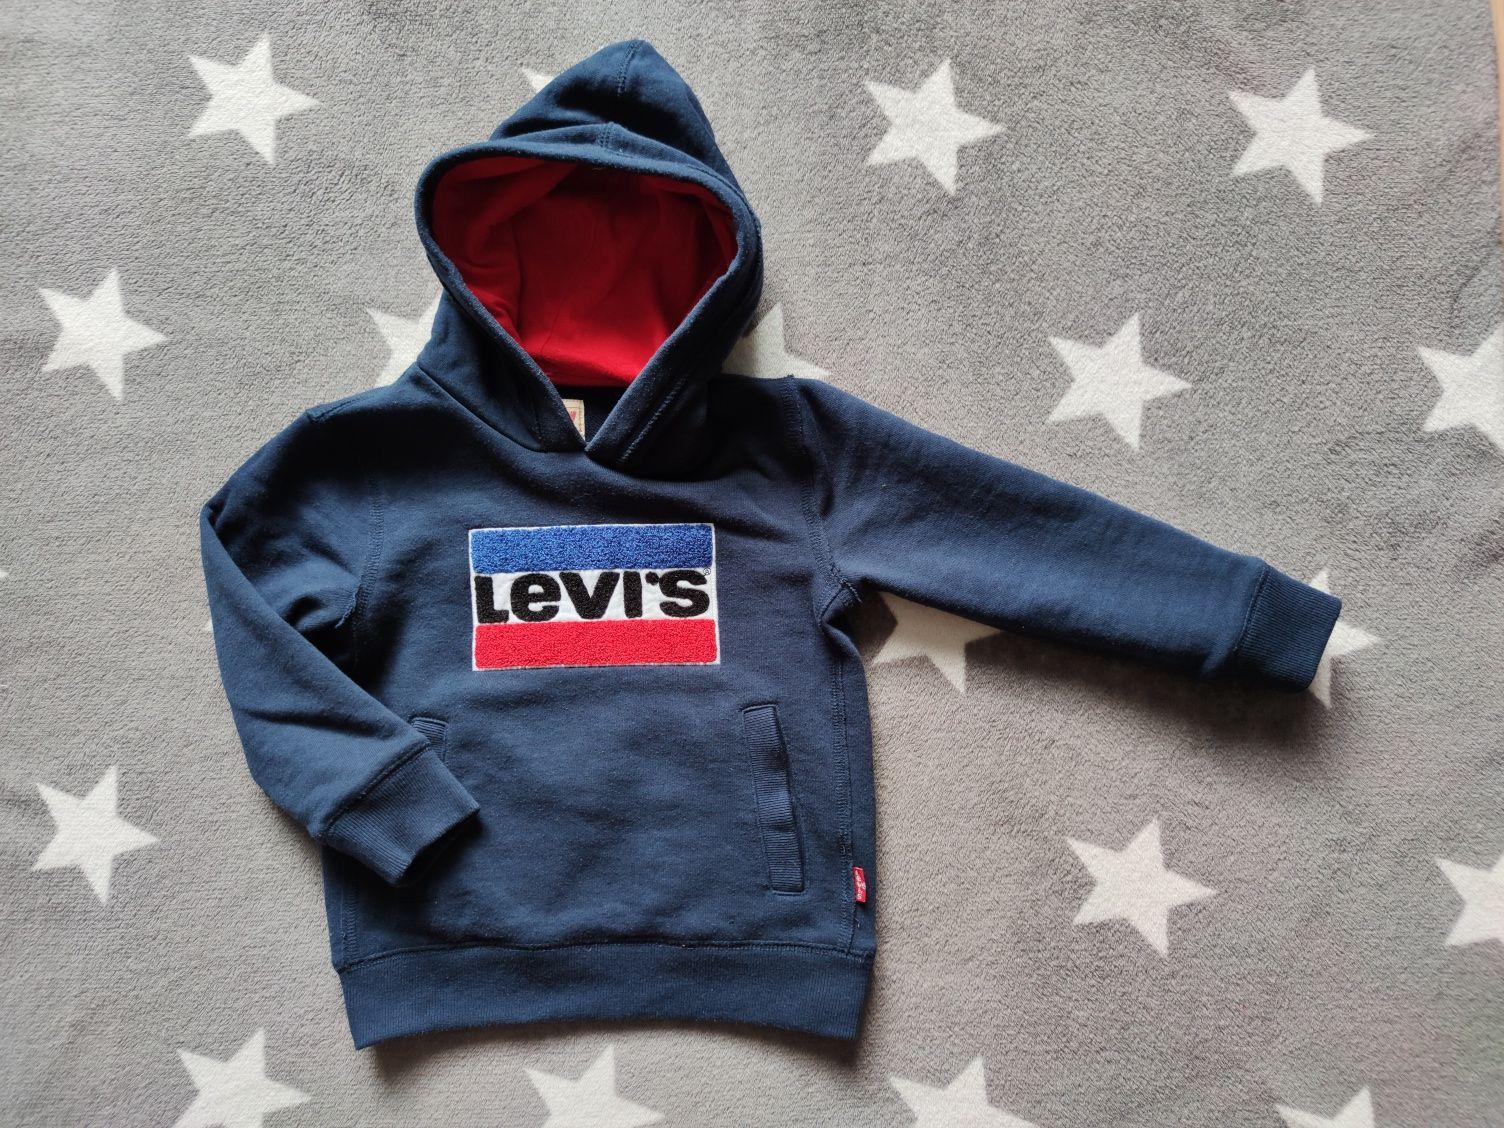 Bluza Levis Levi's oryginalna rozmiar 98